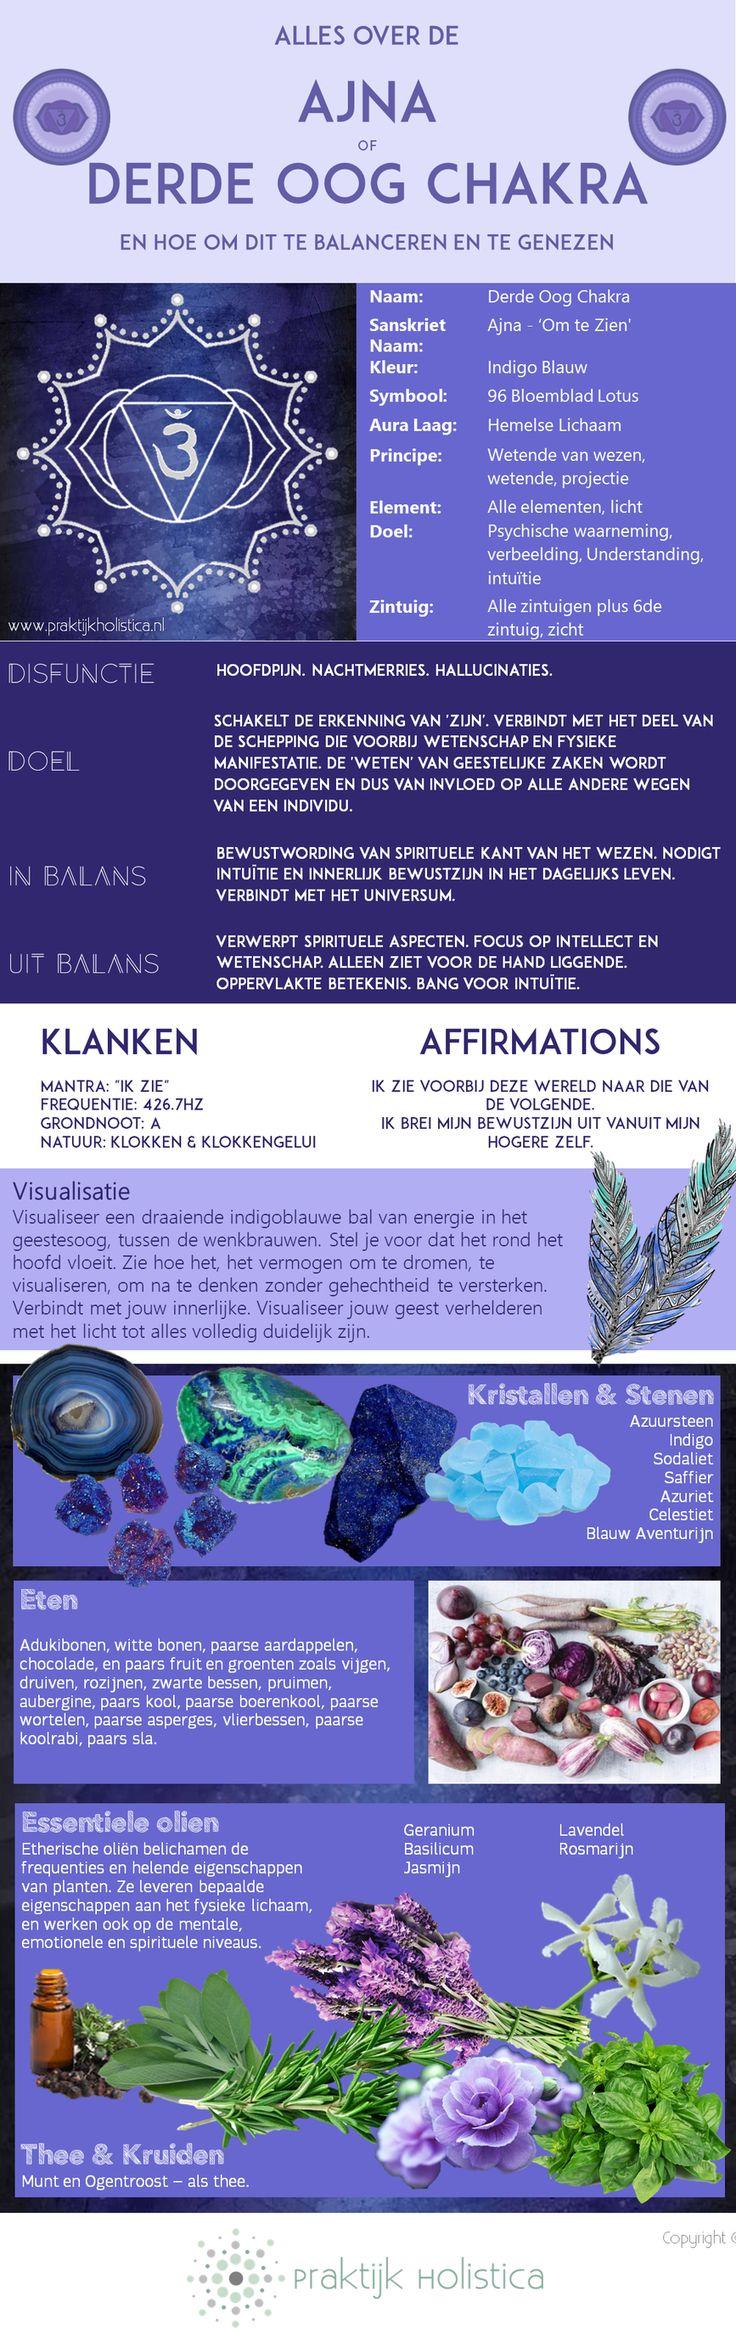 Praktijk Holistica Blog - Derde Oog Chakra: Infographic over alles die je moeten weten over jouw derde oog chakra alsook informatie over hoe om het te balanceren en te genezen